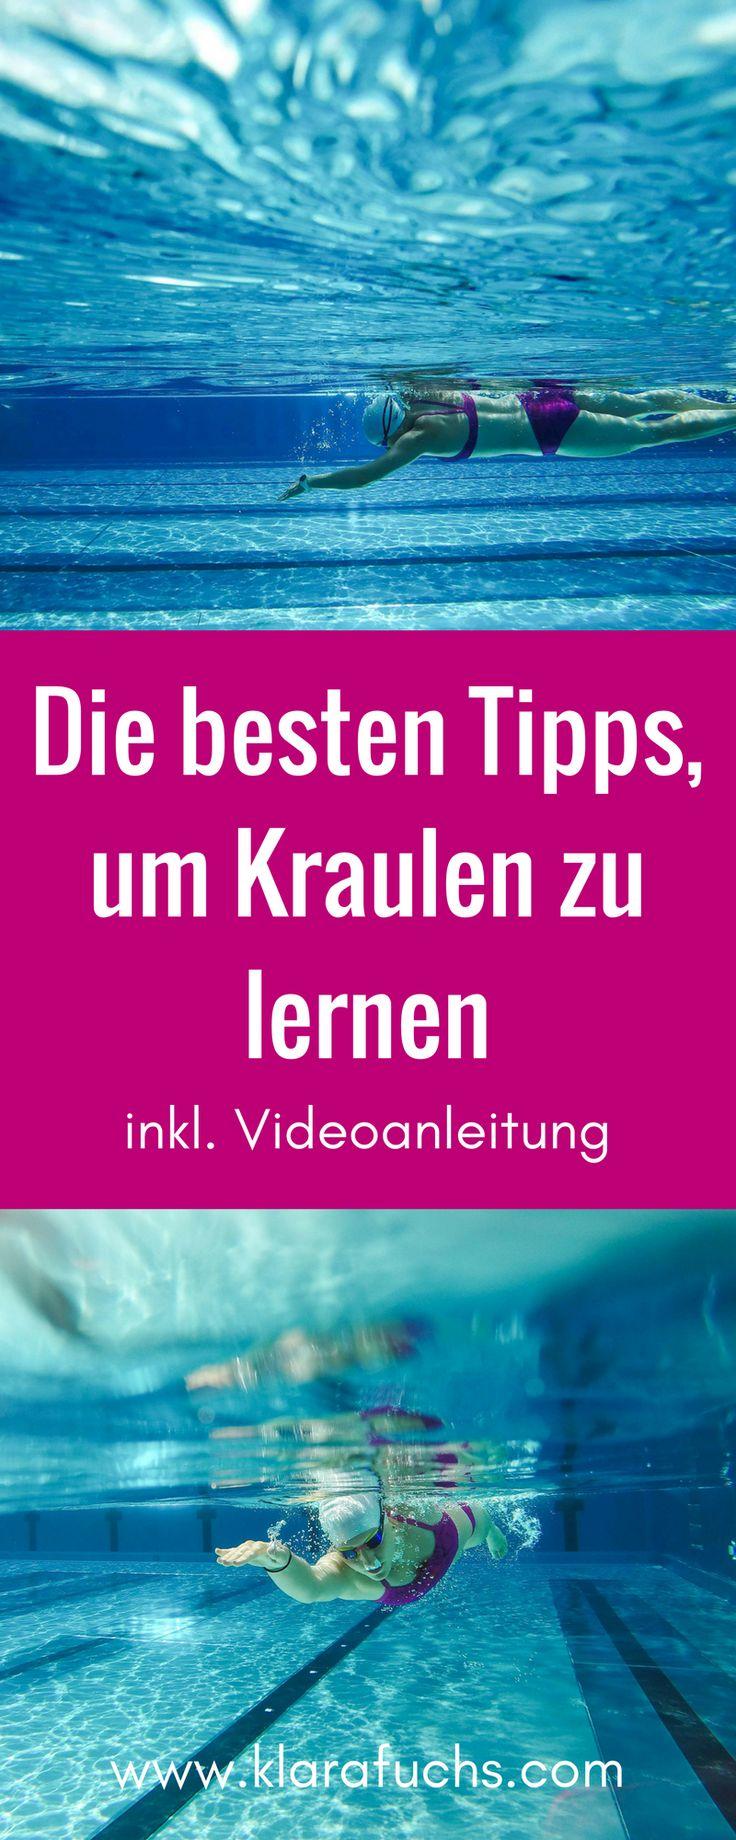 Die ulitmativen Tipps, um richtig Kraulen zu lernen, bekommst du hier. Viele Informationen rund um die Kraultechnik und wie du den korrekten Kraulzug machst, erfährst du hier. Schwimmen und Kraulen lernen - Tipps! Im Beitrag findest du auch ein Video zum Thema Kraulen und Kraulschwimmen und Kraultechnik. Mehr auf www.klarafuchs.com